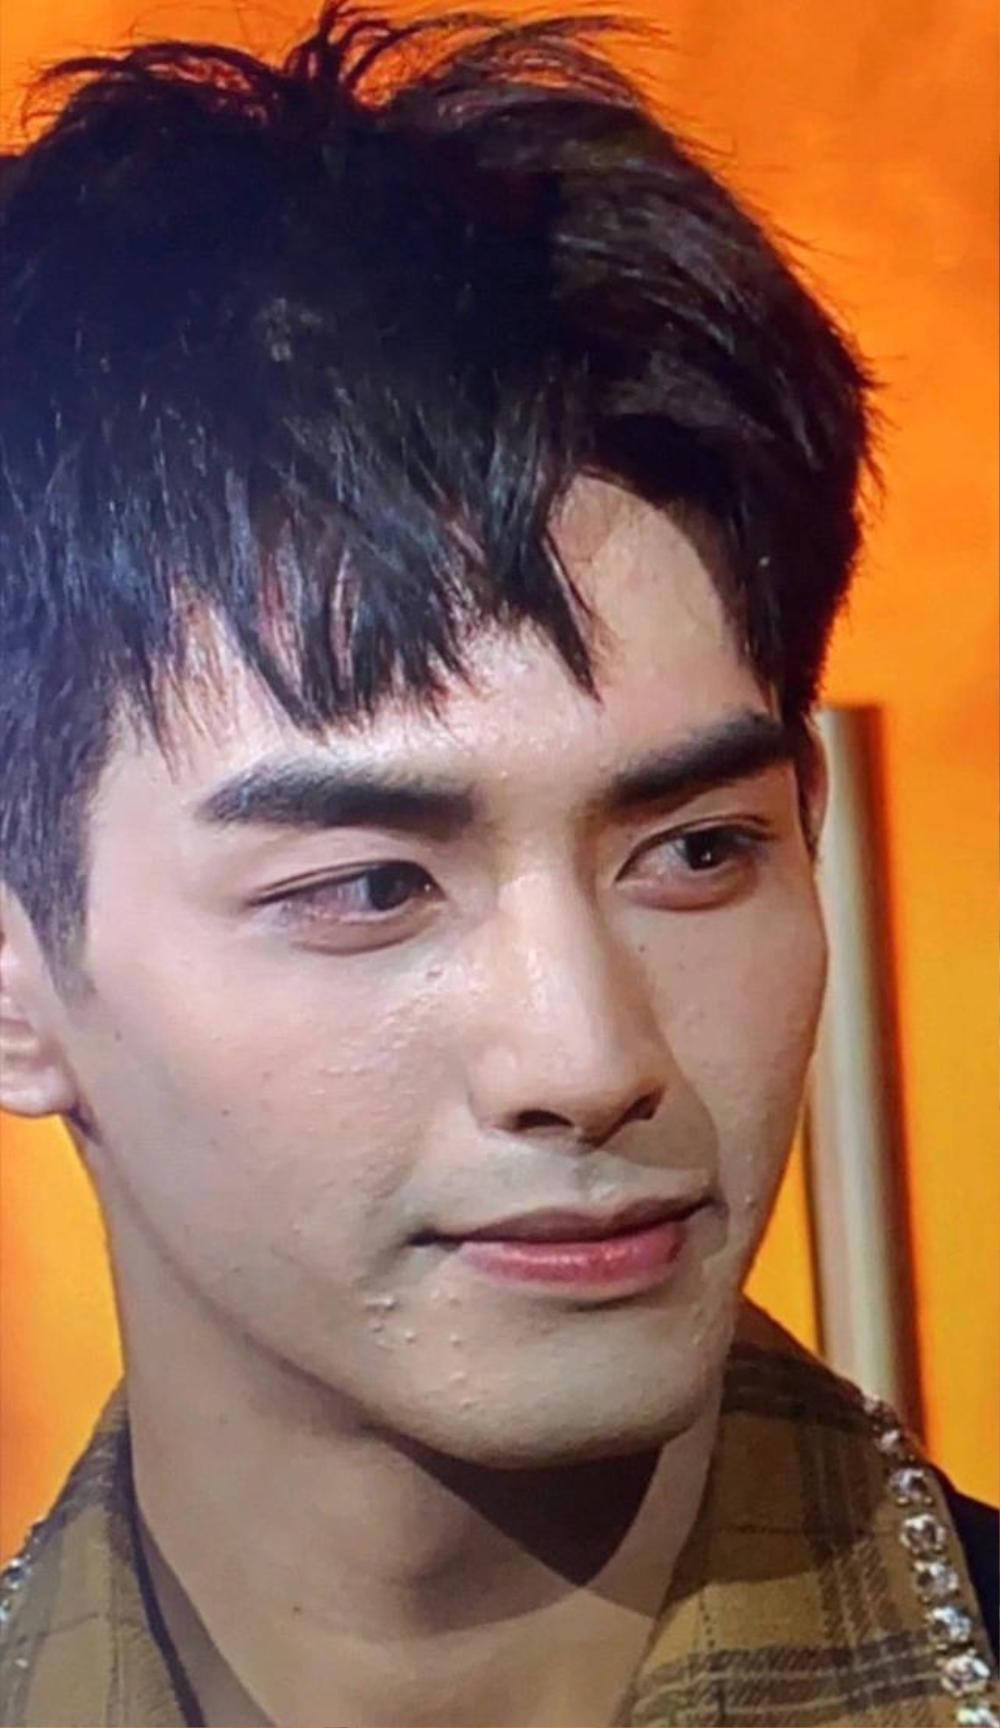 Tống Uy Long lên tiếng giải thích về làn da xấu, nổi đầy mụn của mình Ảnh 6